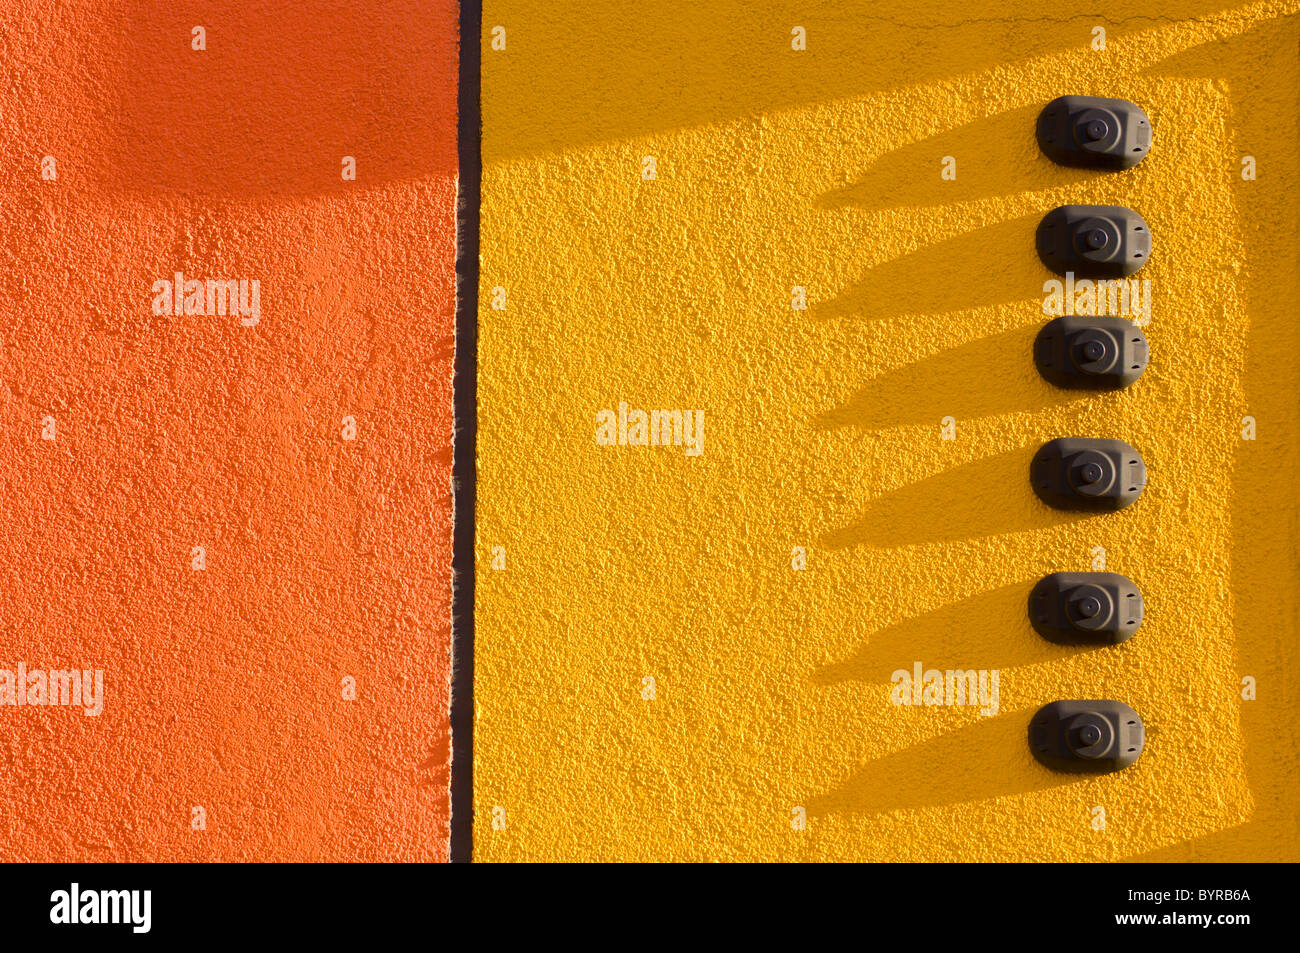 Arancione e giallo parete in stucco con 6 campanelli); st. Albert, Alberta, Canada Immagini Stock